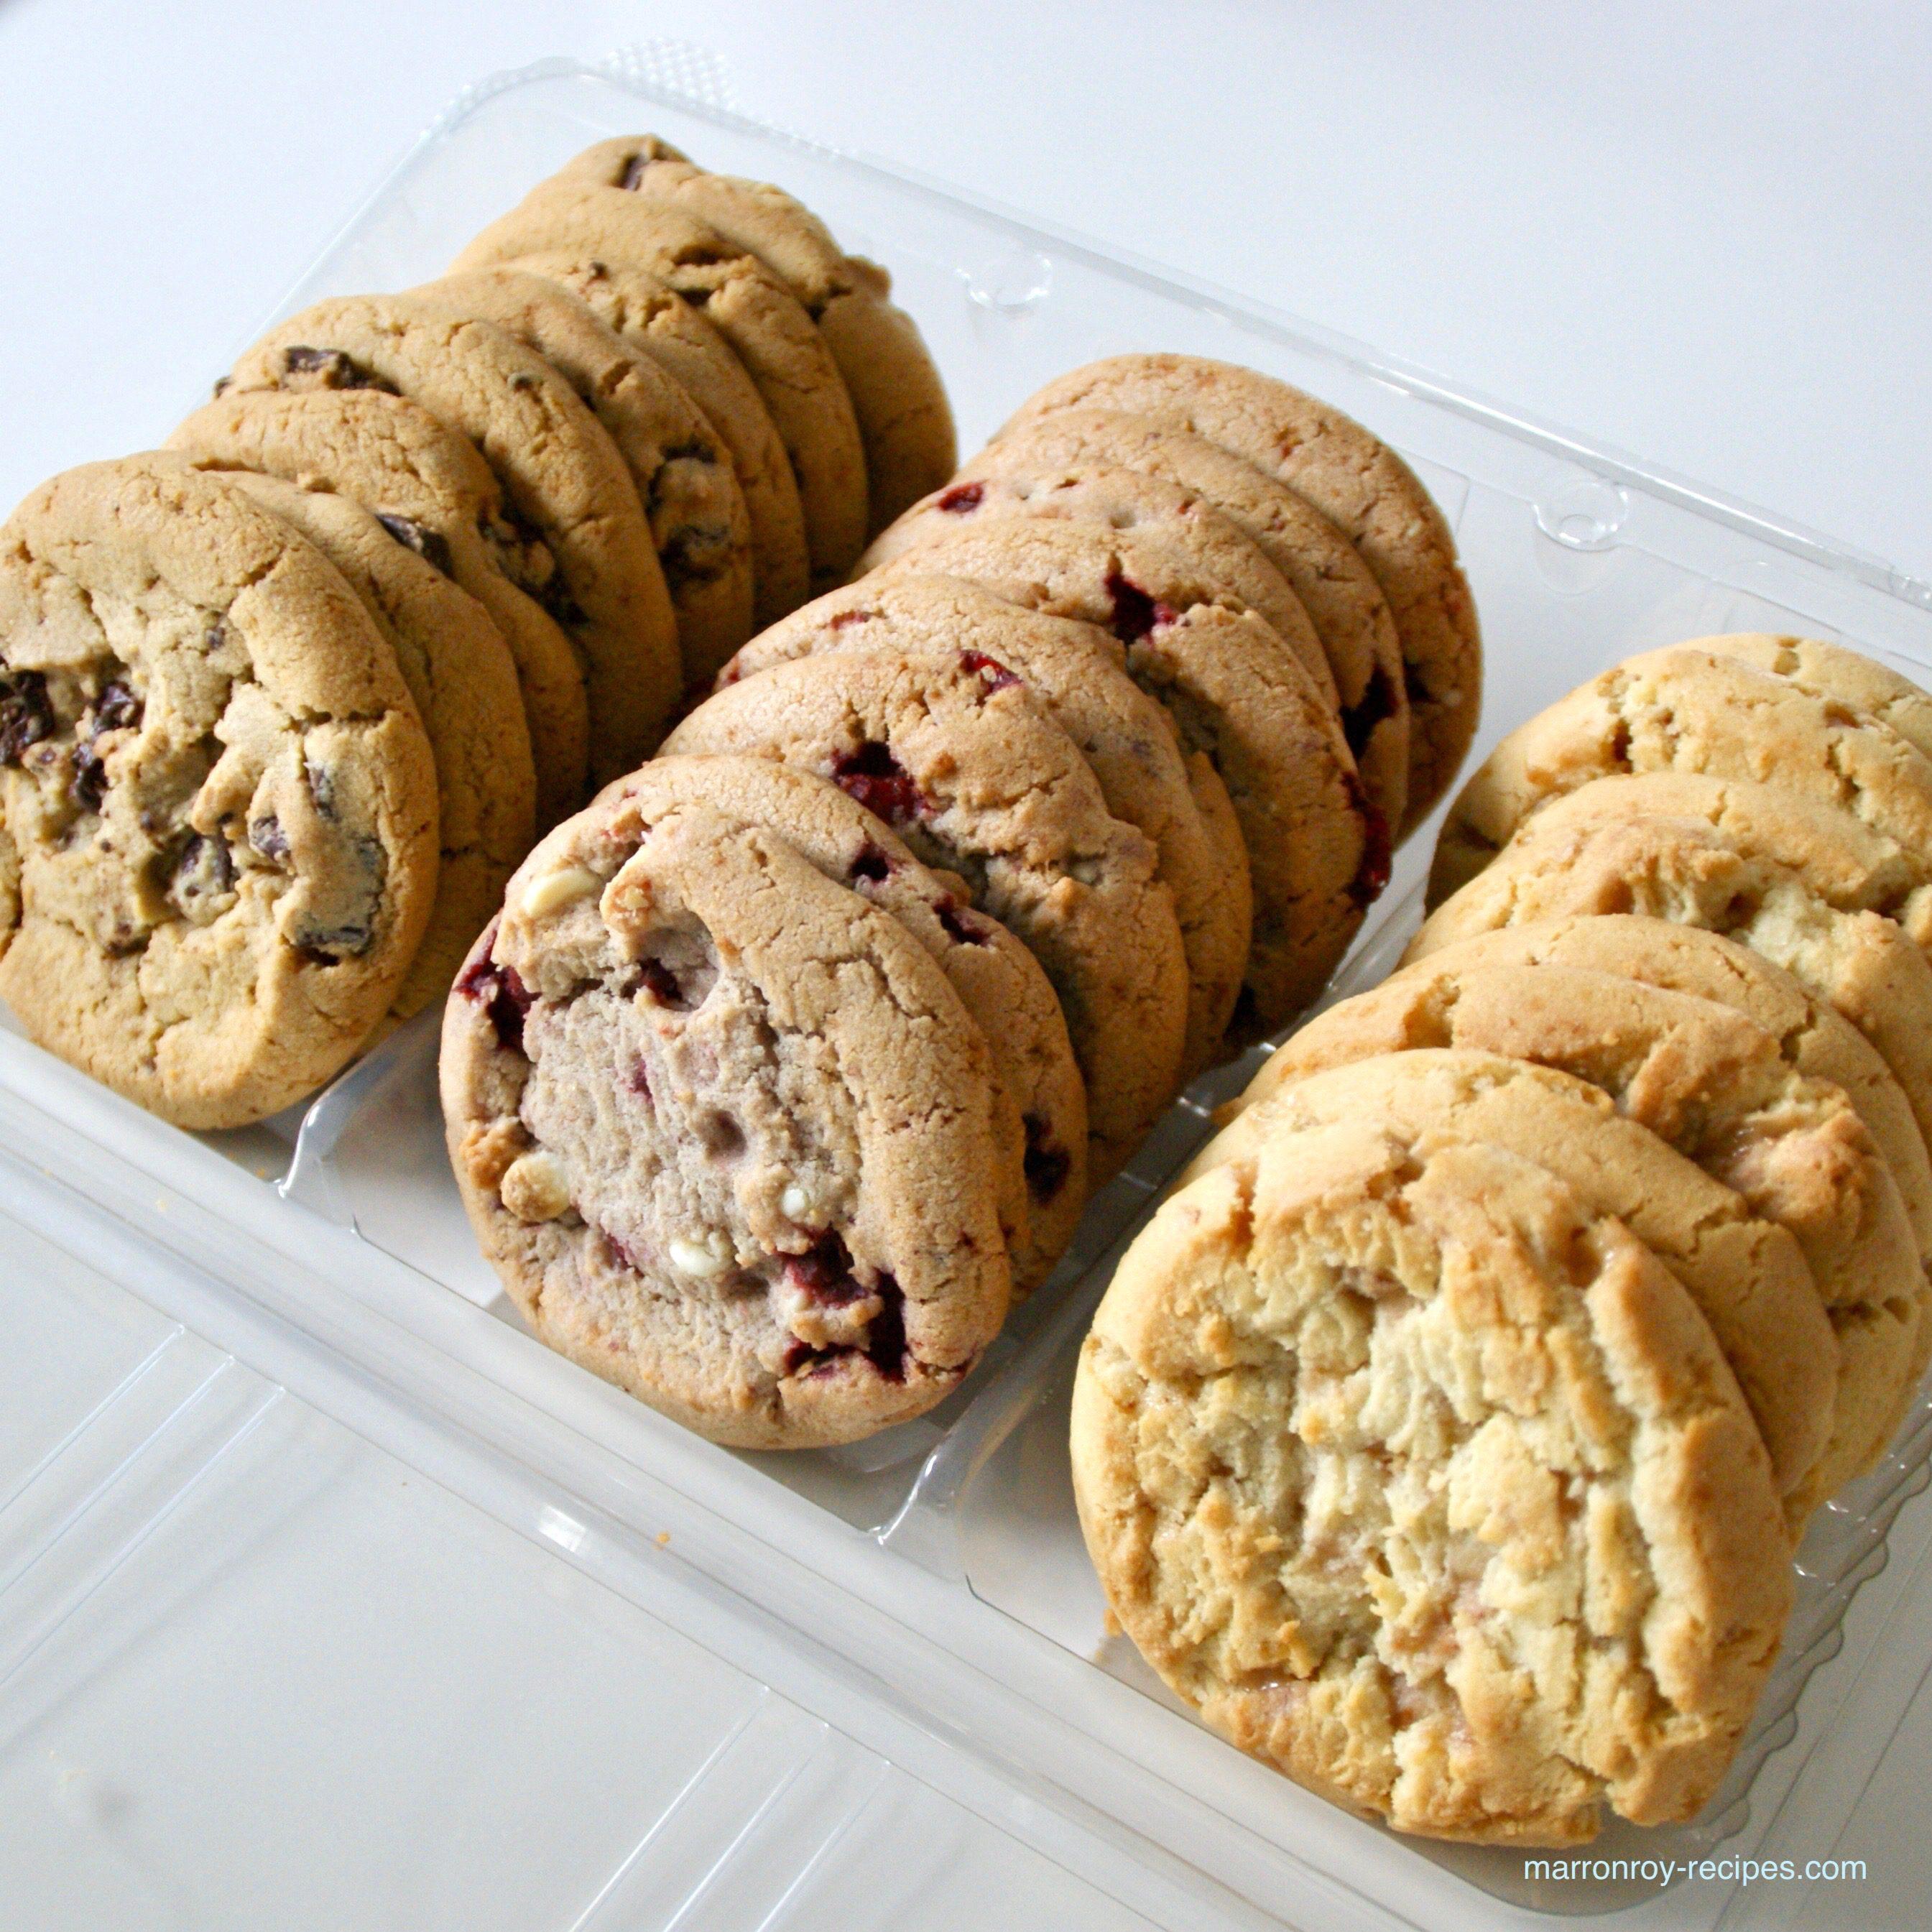 """コストコの""""バラエティークッキー""""をはじめて購入。どんなクッキーなの?"""